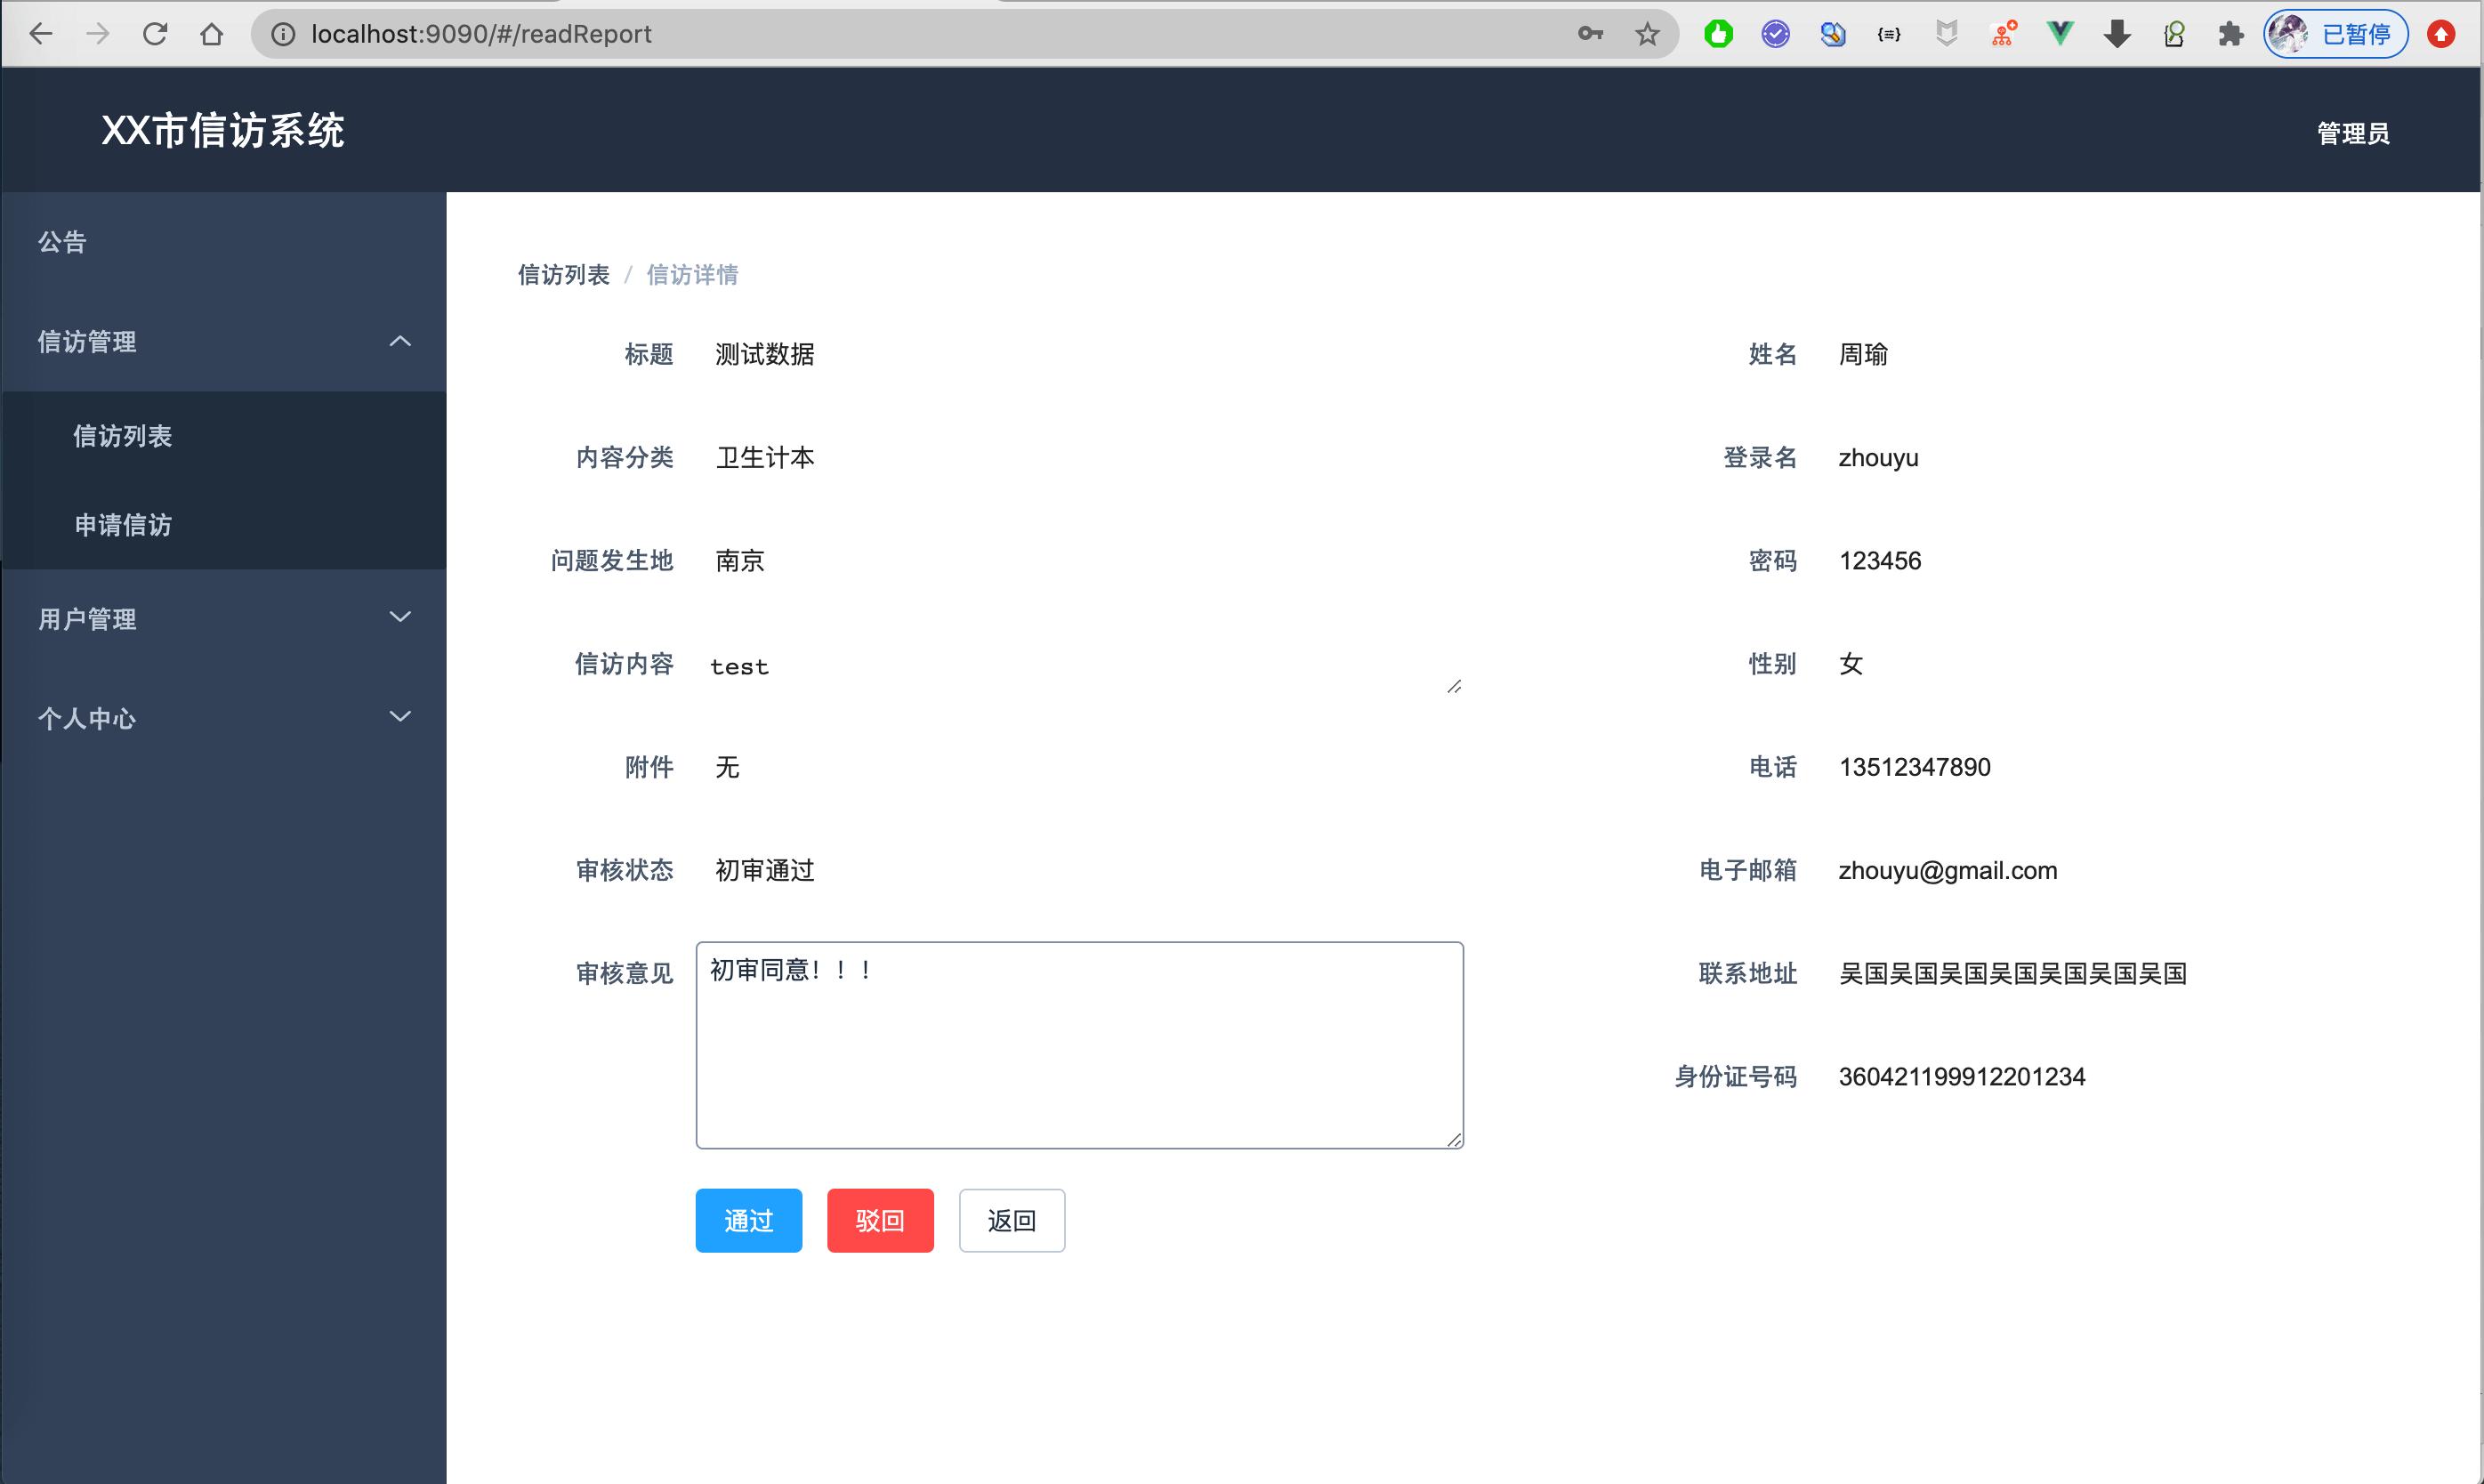 11-领导进行终审.png